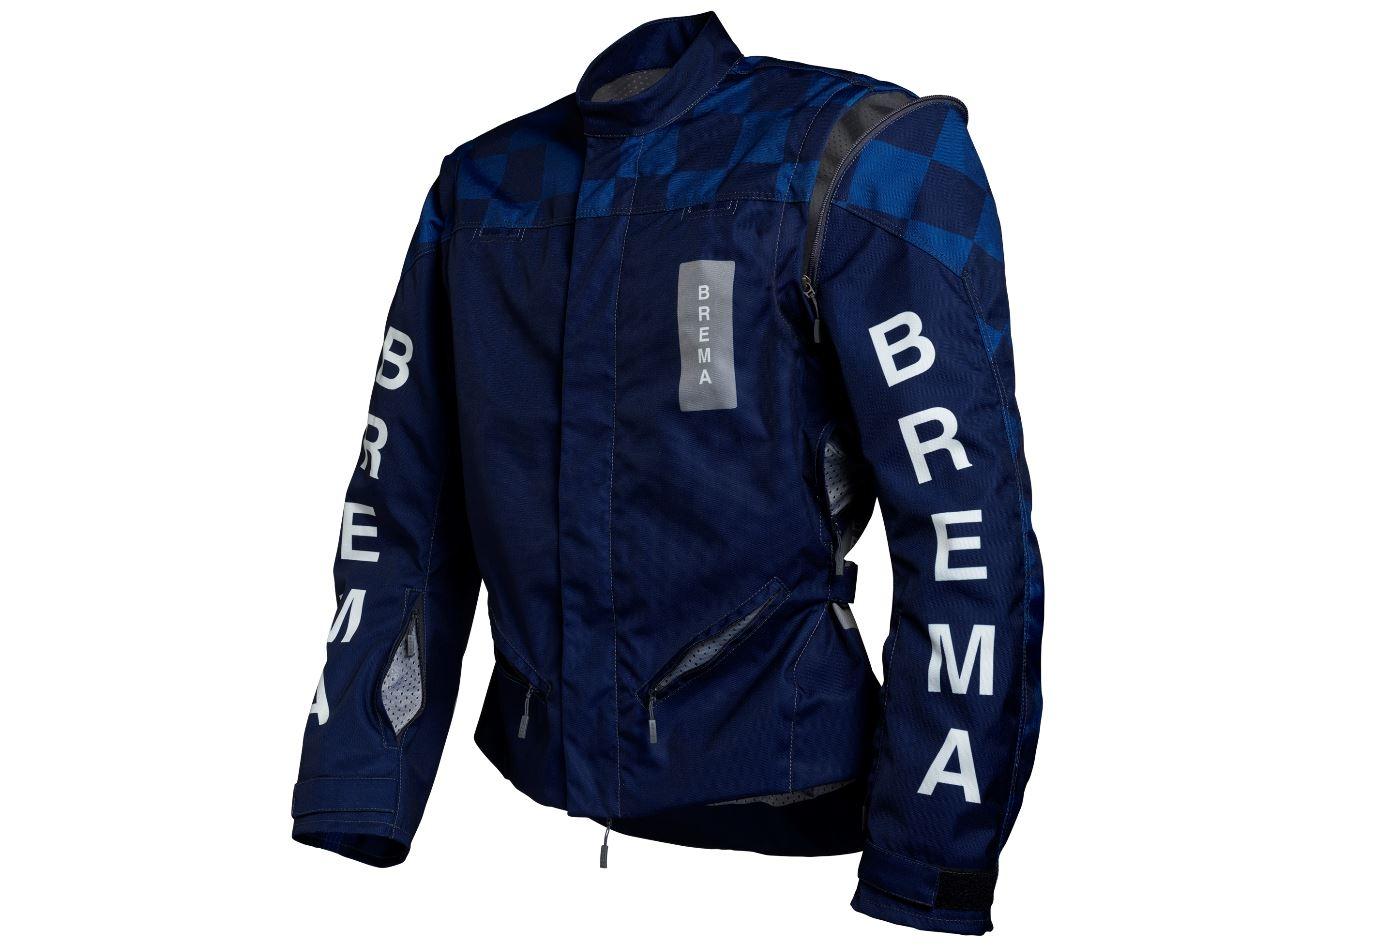 Giacca moto Brema TROFEO CHESS Navy 1